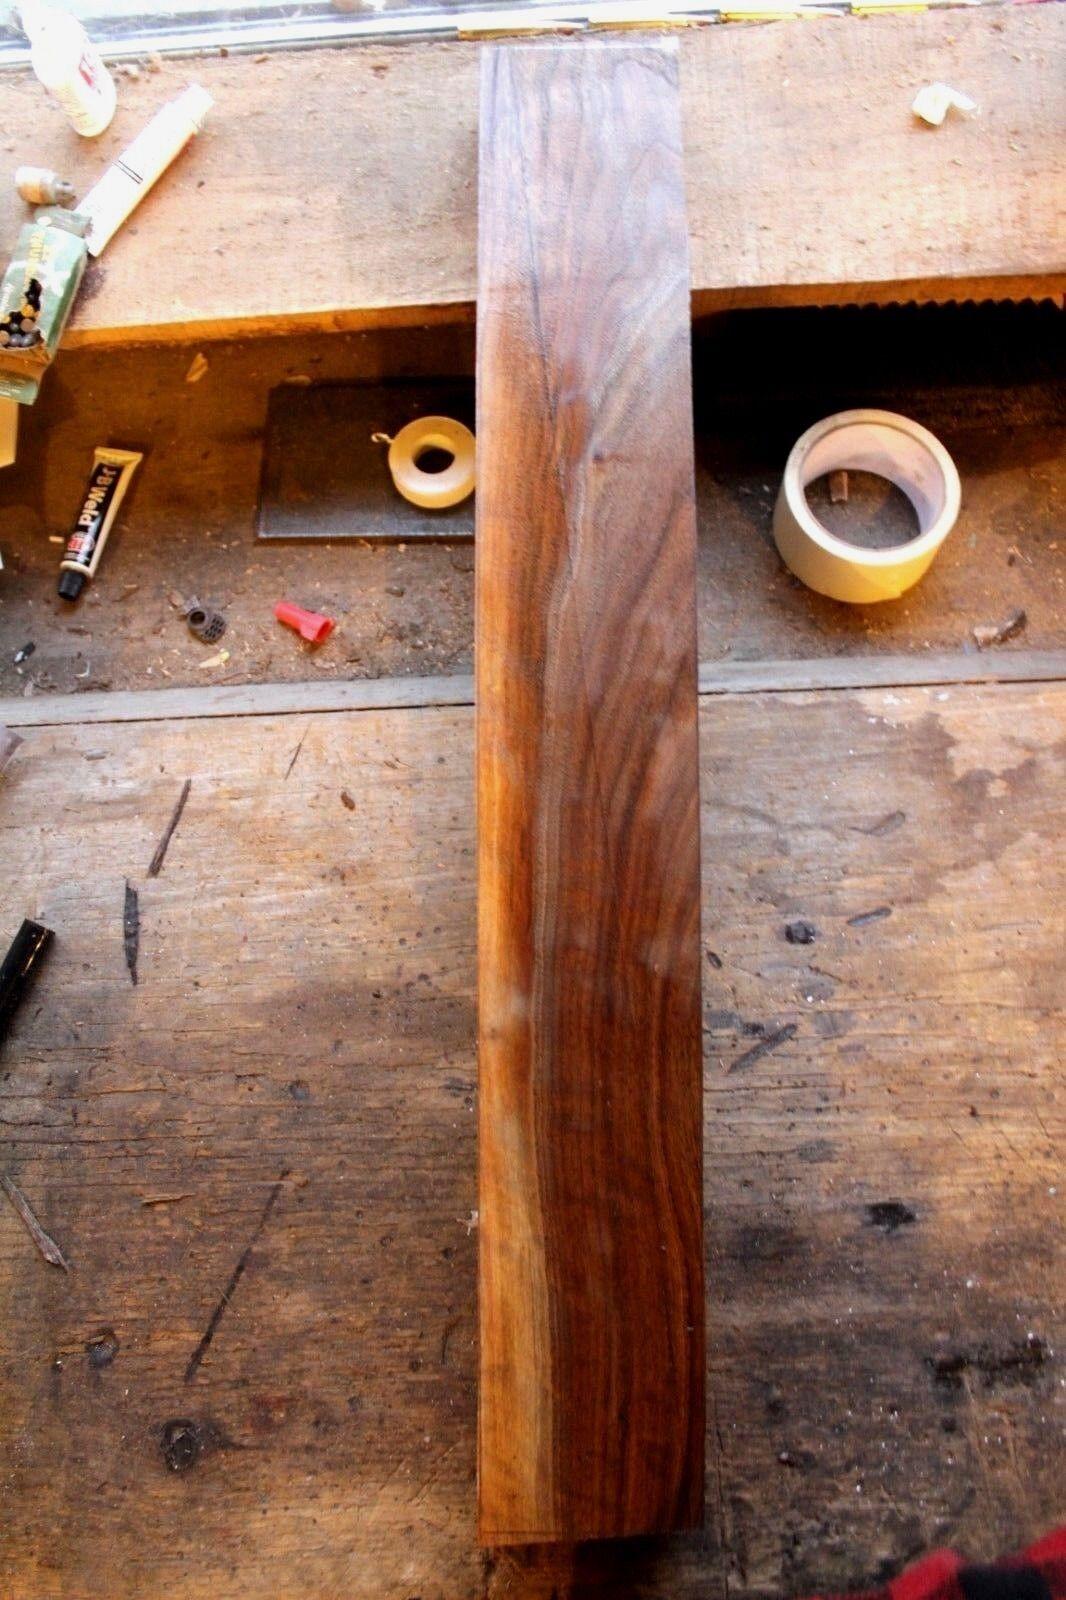 Lightly curly schwarz walnut neck blank tone-wood tone-wood tone-wood luthier craft lumber turning 946 bb6ce0